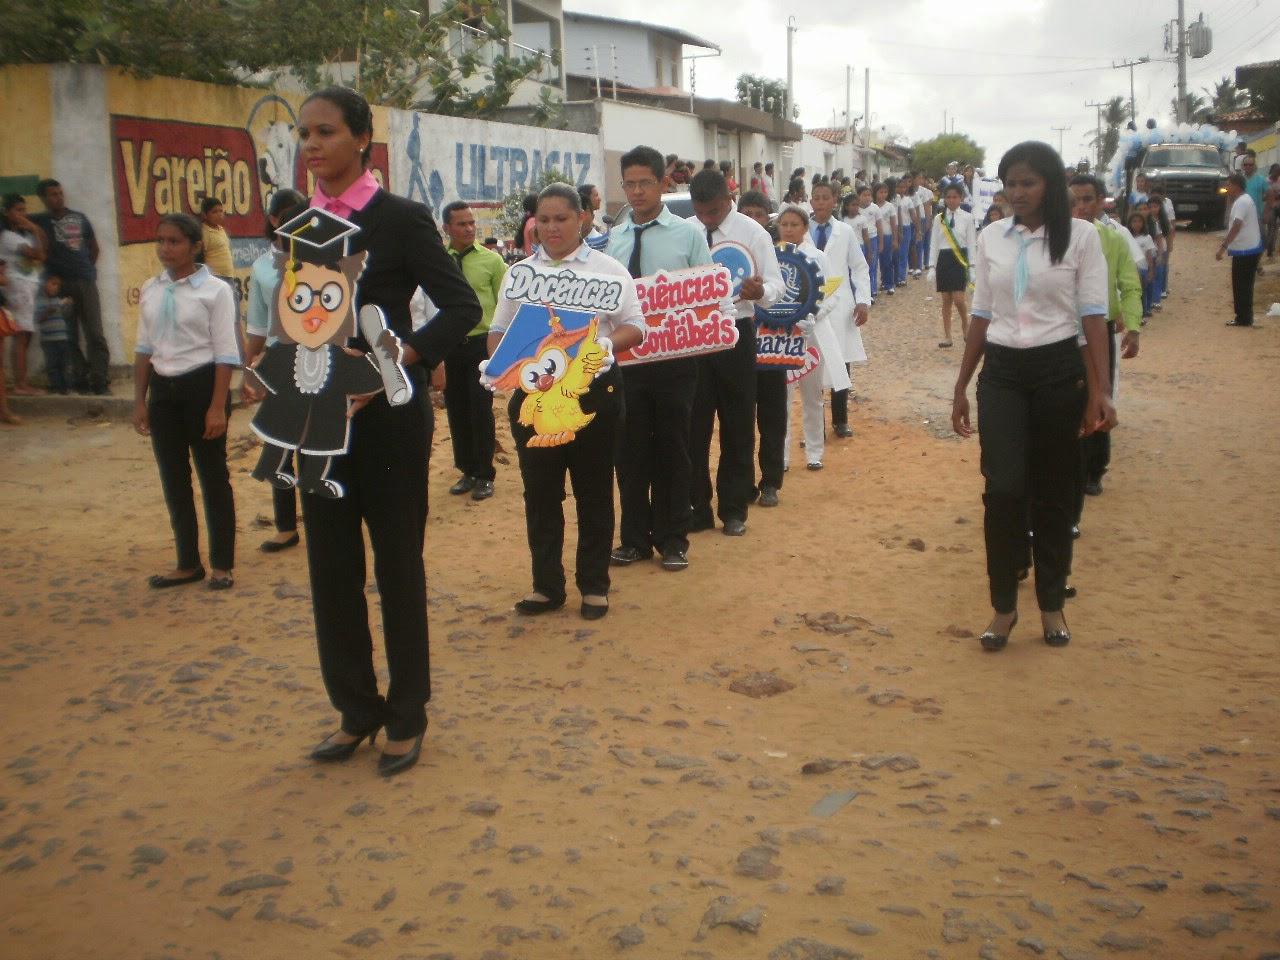 ... cada membro funcionário da escola na contribuição da sua parte social 1409b0ed0d00e